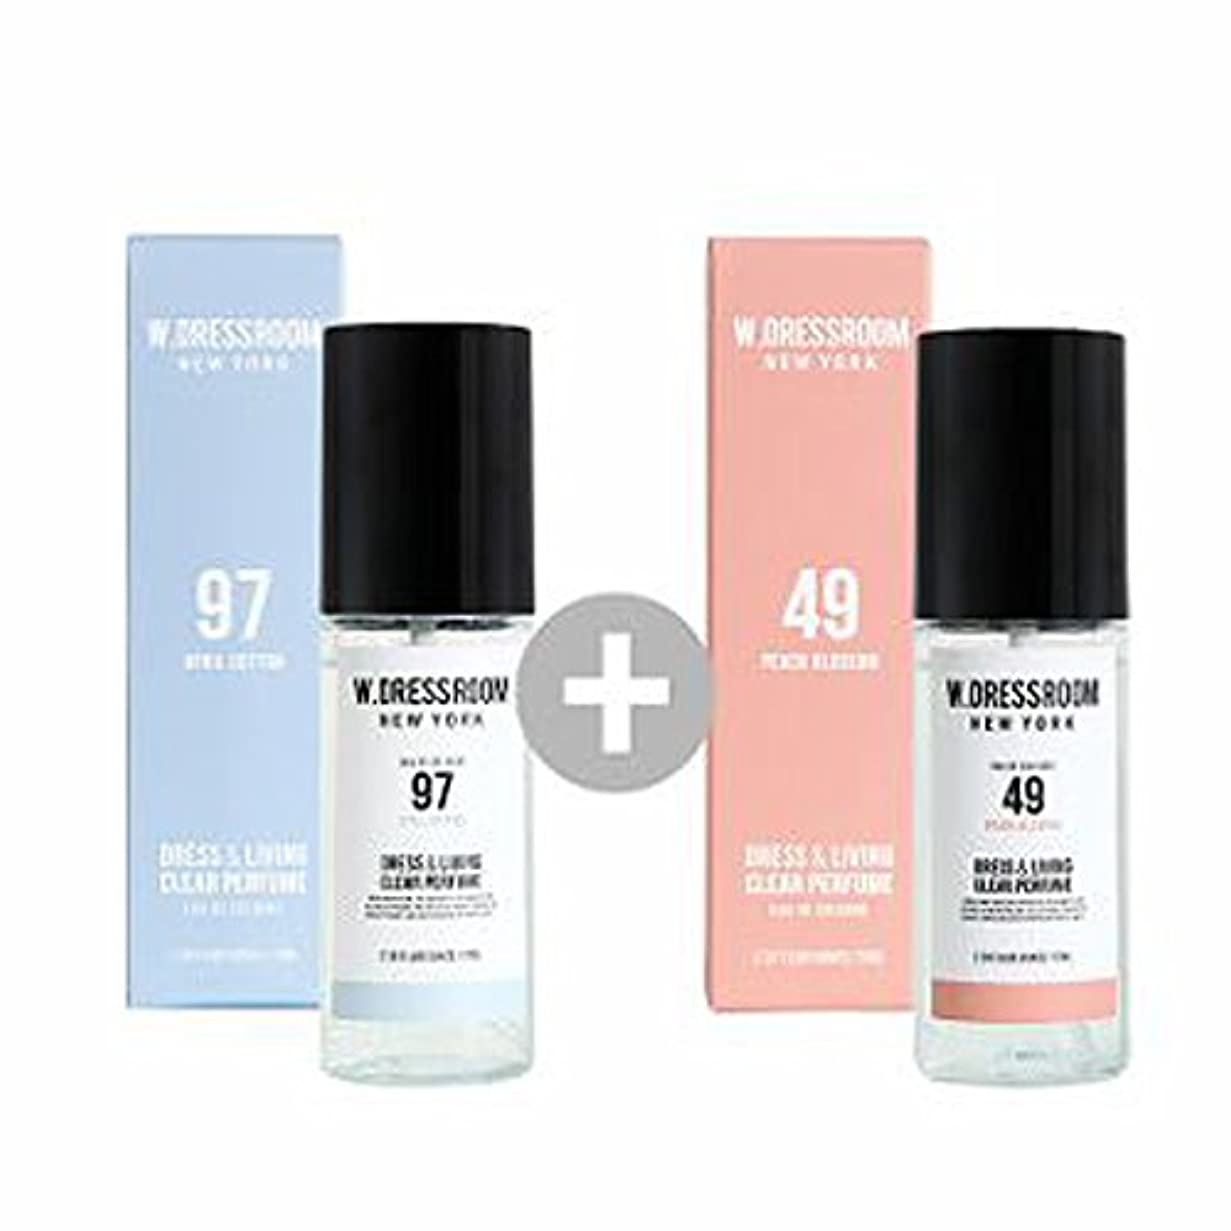 再びはがき高価なW.DRESSROOM Dress & Living Clear Perfume 70ml(No 97 April Cotton)+(No 49 Peach Blossom)